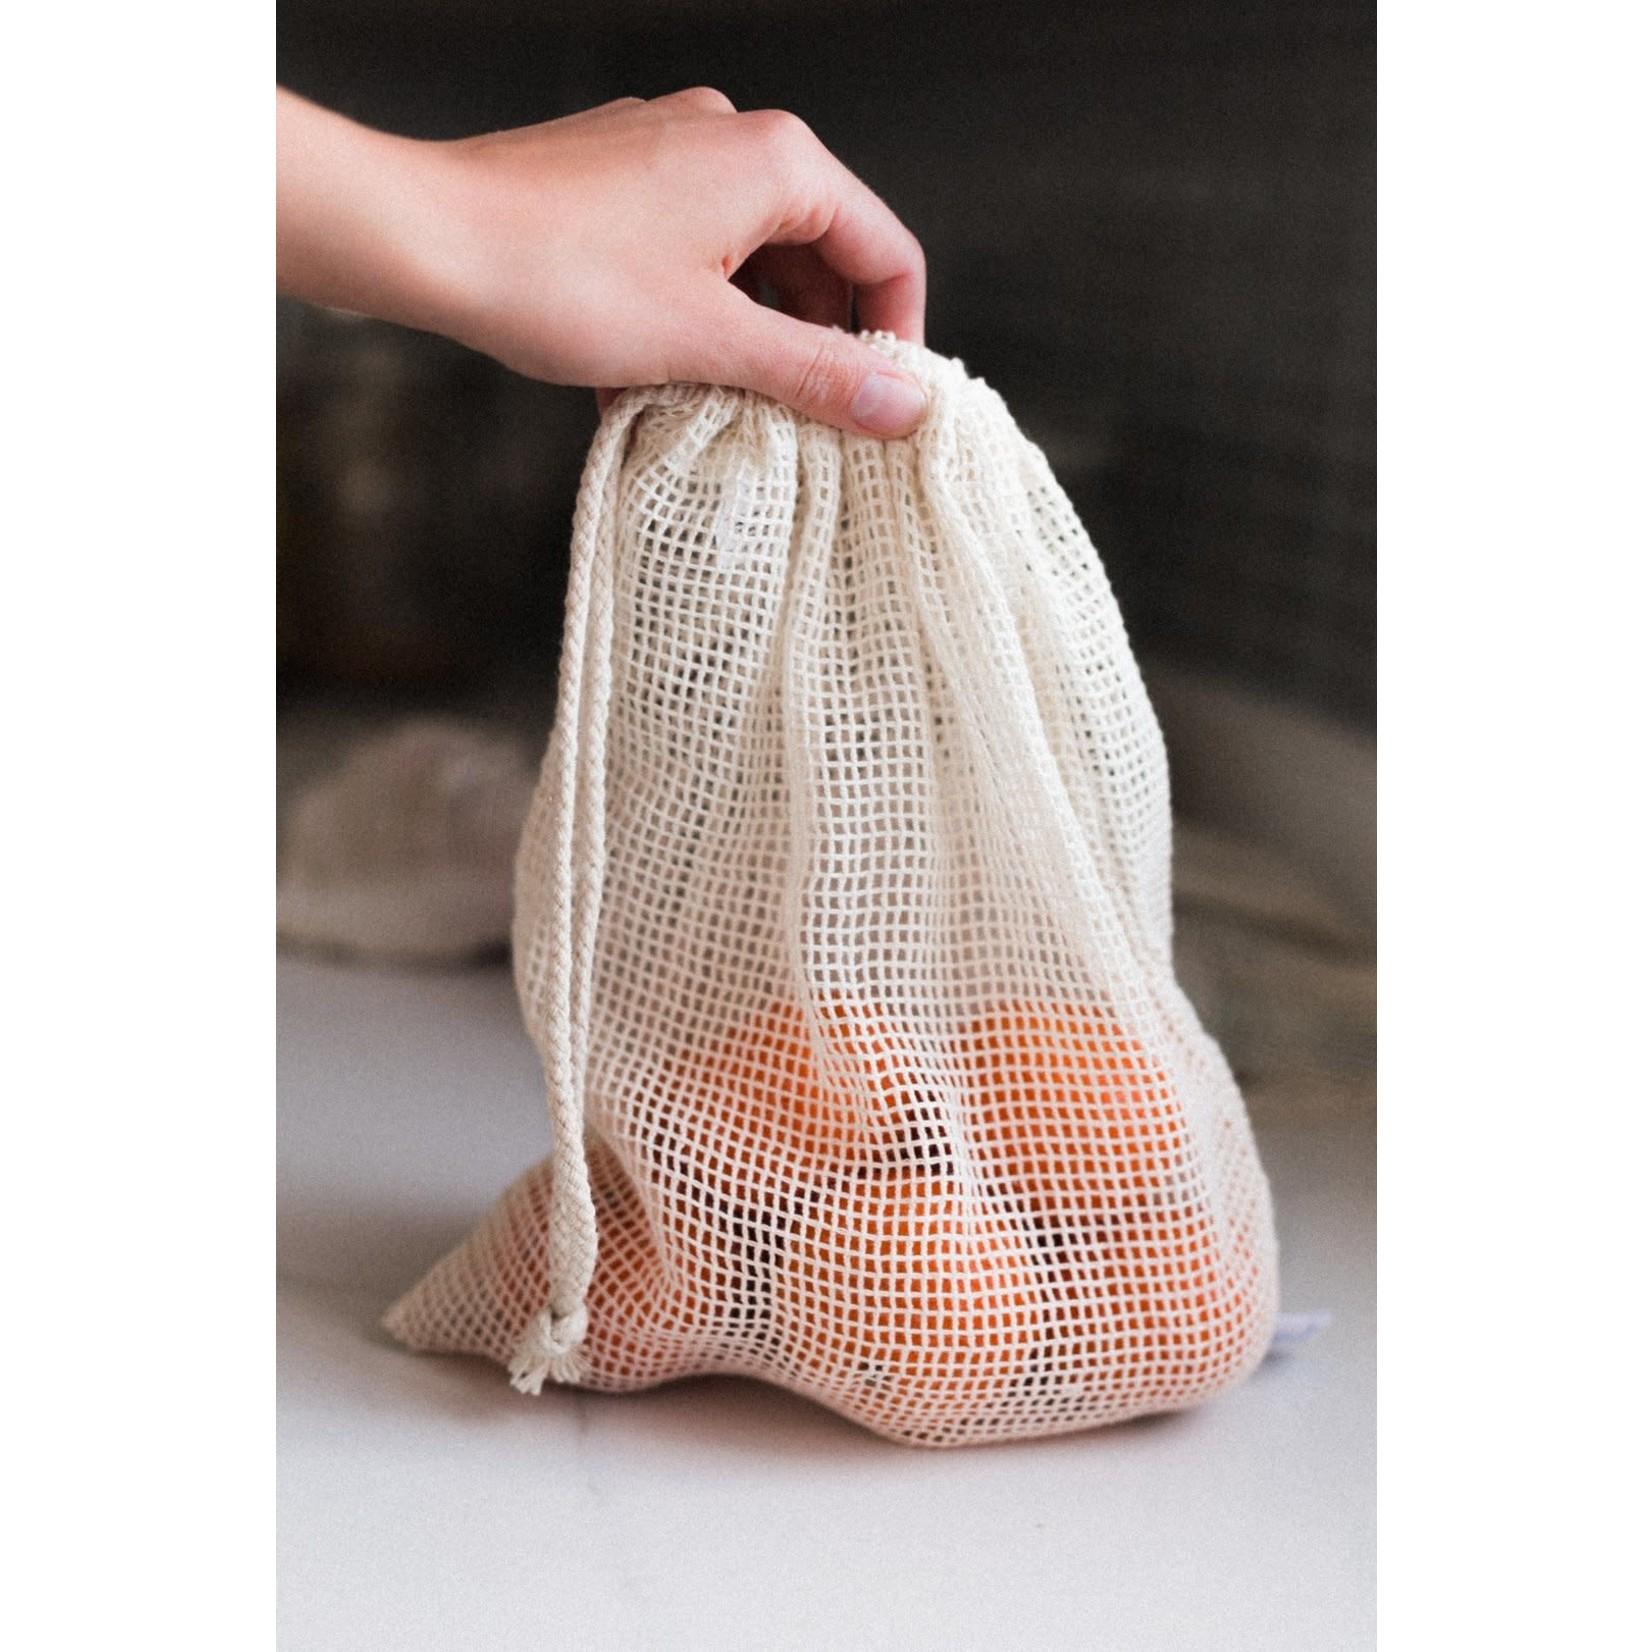 Dans le sac Dans le sac - Ensemble sacs filets